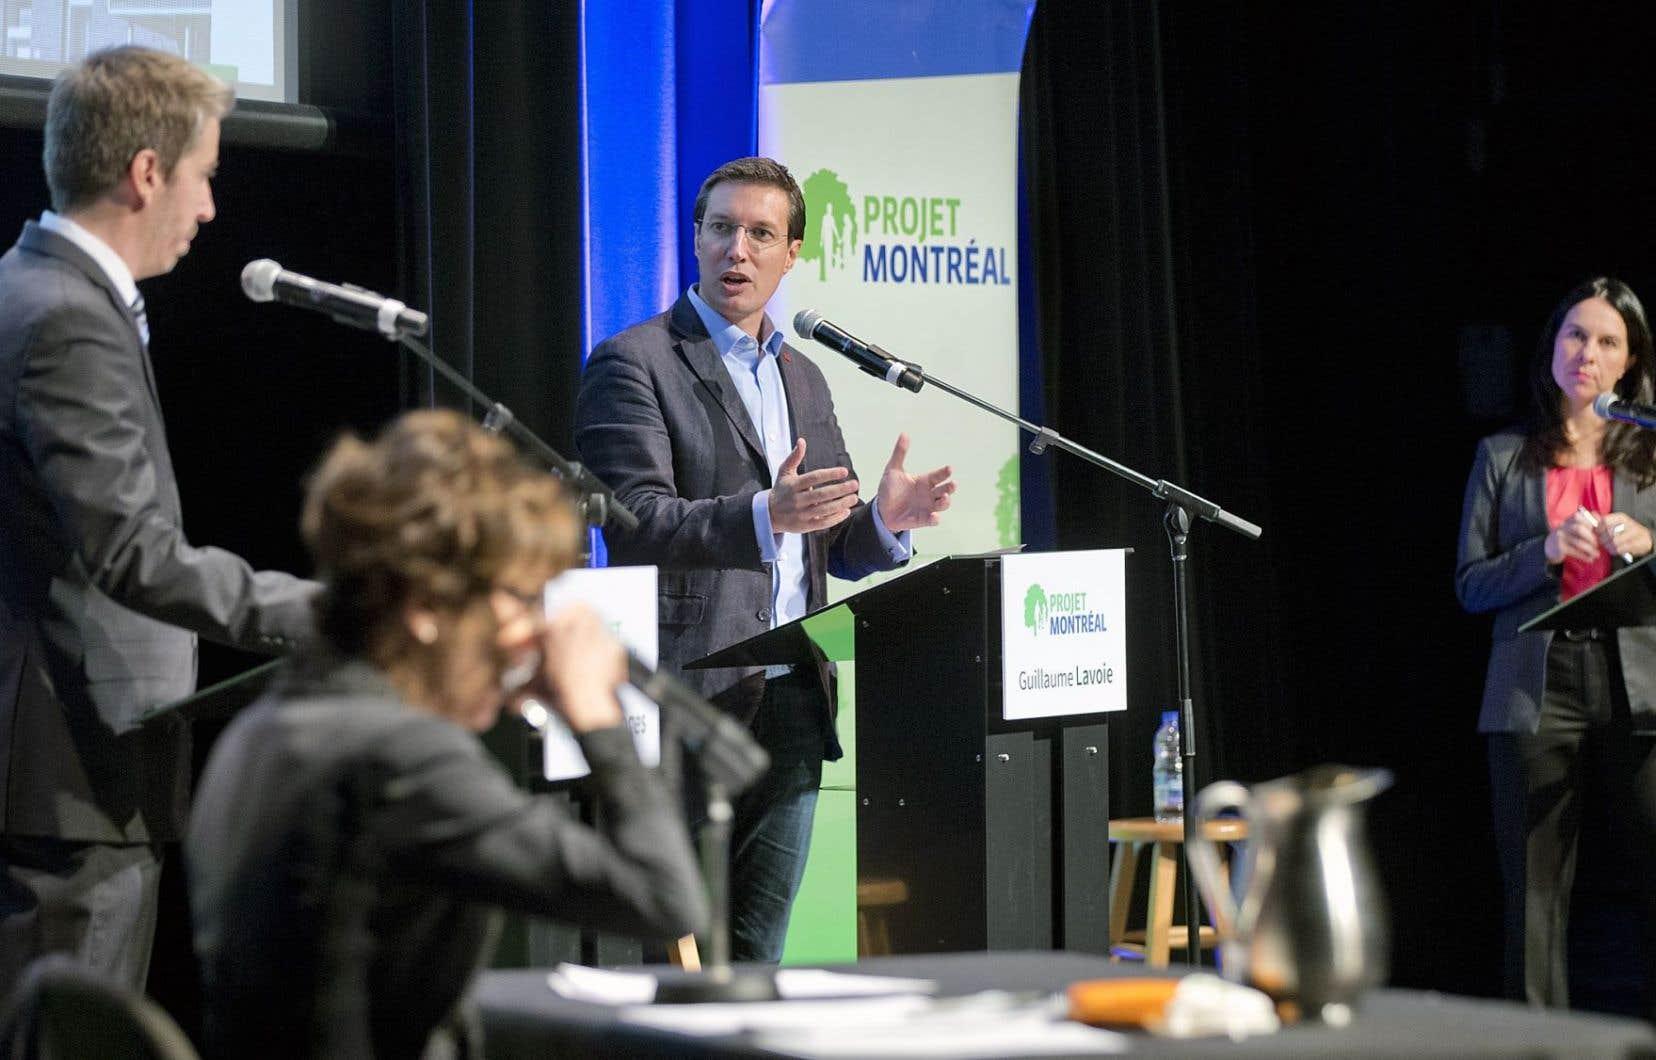 Les trois candidats à la chefferie de Projet Montréal, François Limoges, Guillaume Lavoie et Valérie Plante, ont croisé le fer pour la première fois dimanche.